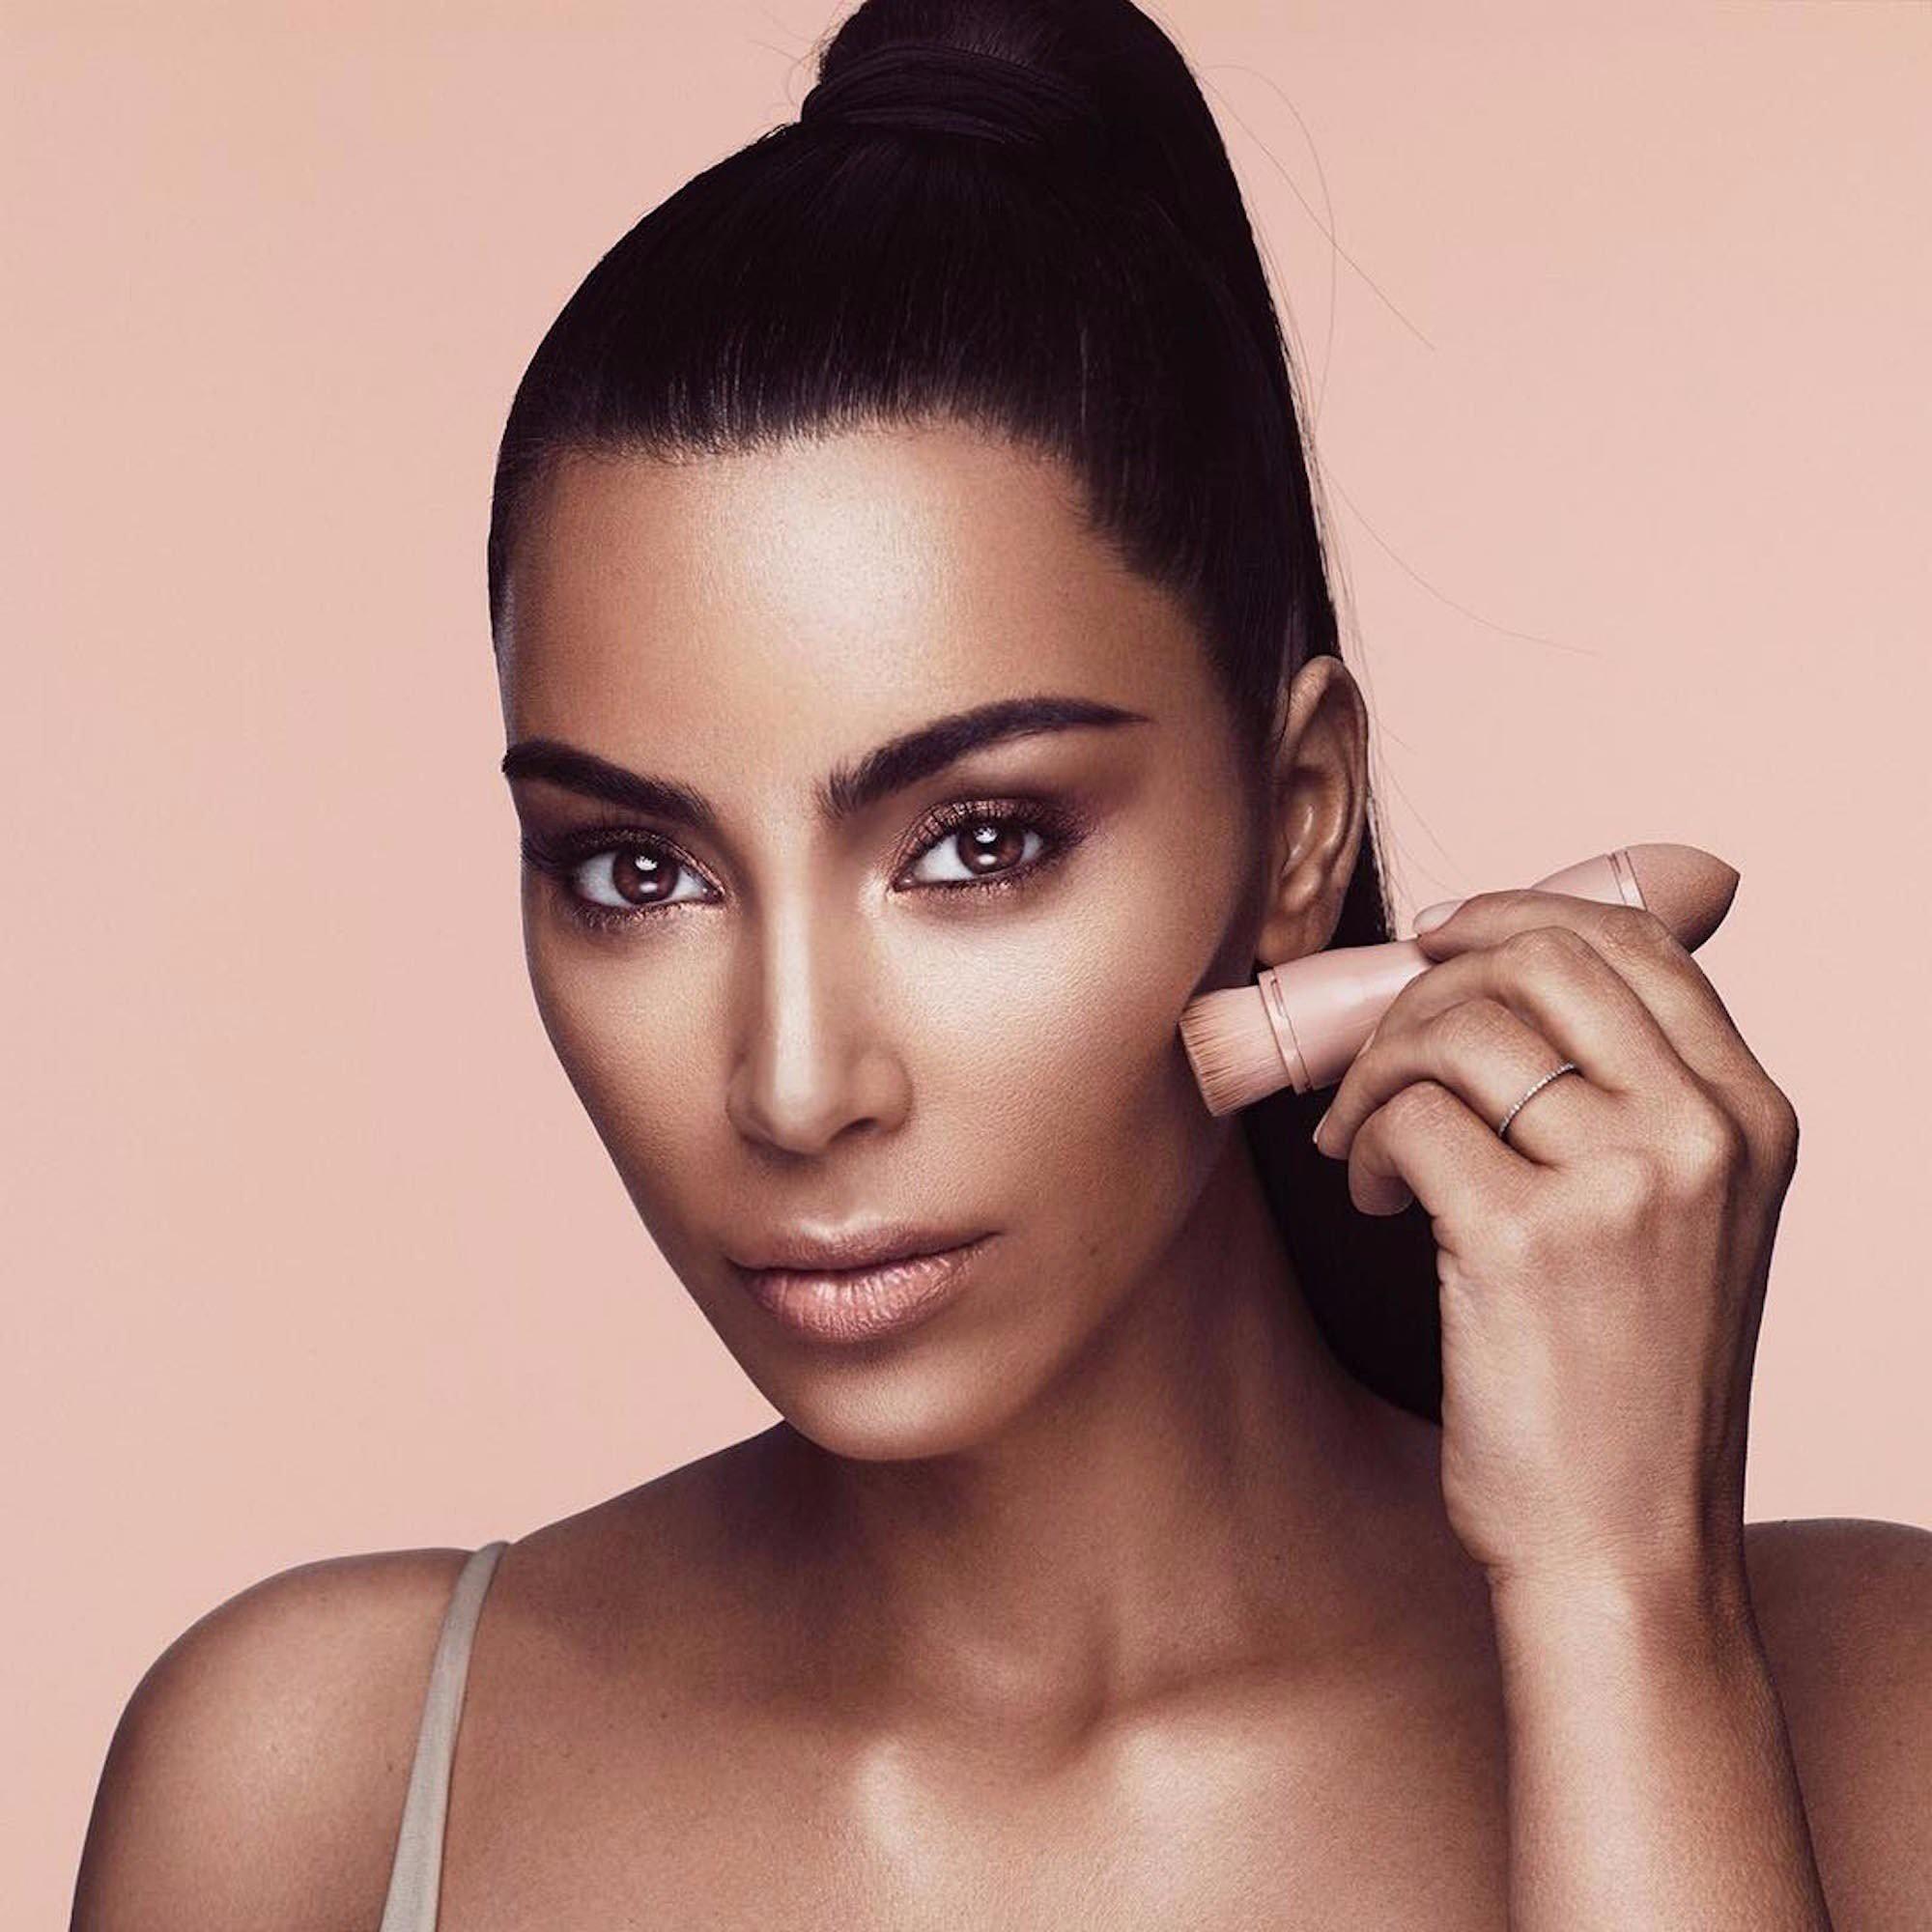 Dù sinh sau đẻ muộn, thương hiệu mỹ phẩm của Rihanna được dự đoán sẽ sớm vượt mặt thương hiệu của Kylie Jenner và Kim Kardashian - Ảnh 4.